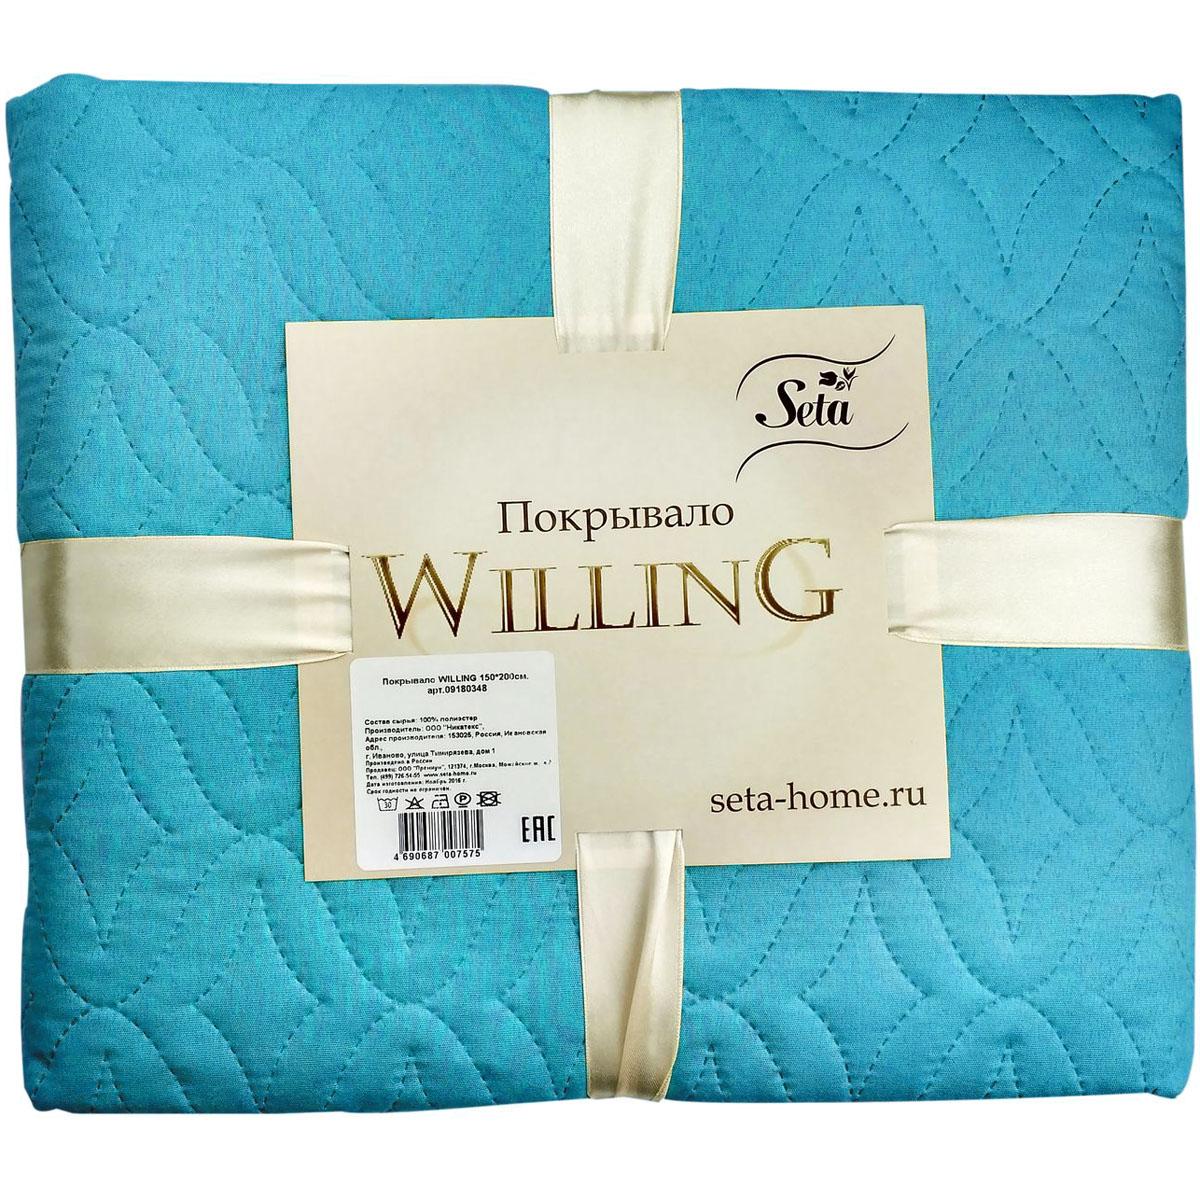 Покрывало Seta Willing, цвет: бирюзовый, 180 x 200 см5331Прекрасные покрывала компании Seta окутают Вас теплом и лаской в самые суровые морозы. А в теплое время года придадут необыкновенную элегантность интерьеру Вашего дома